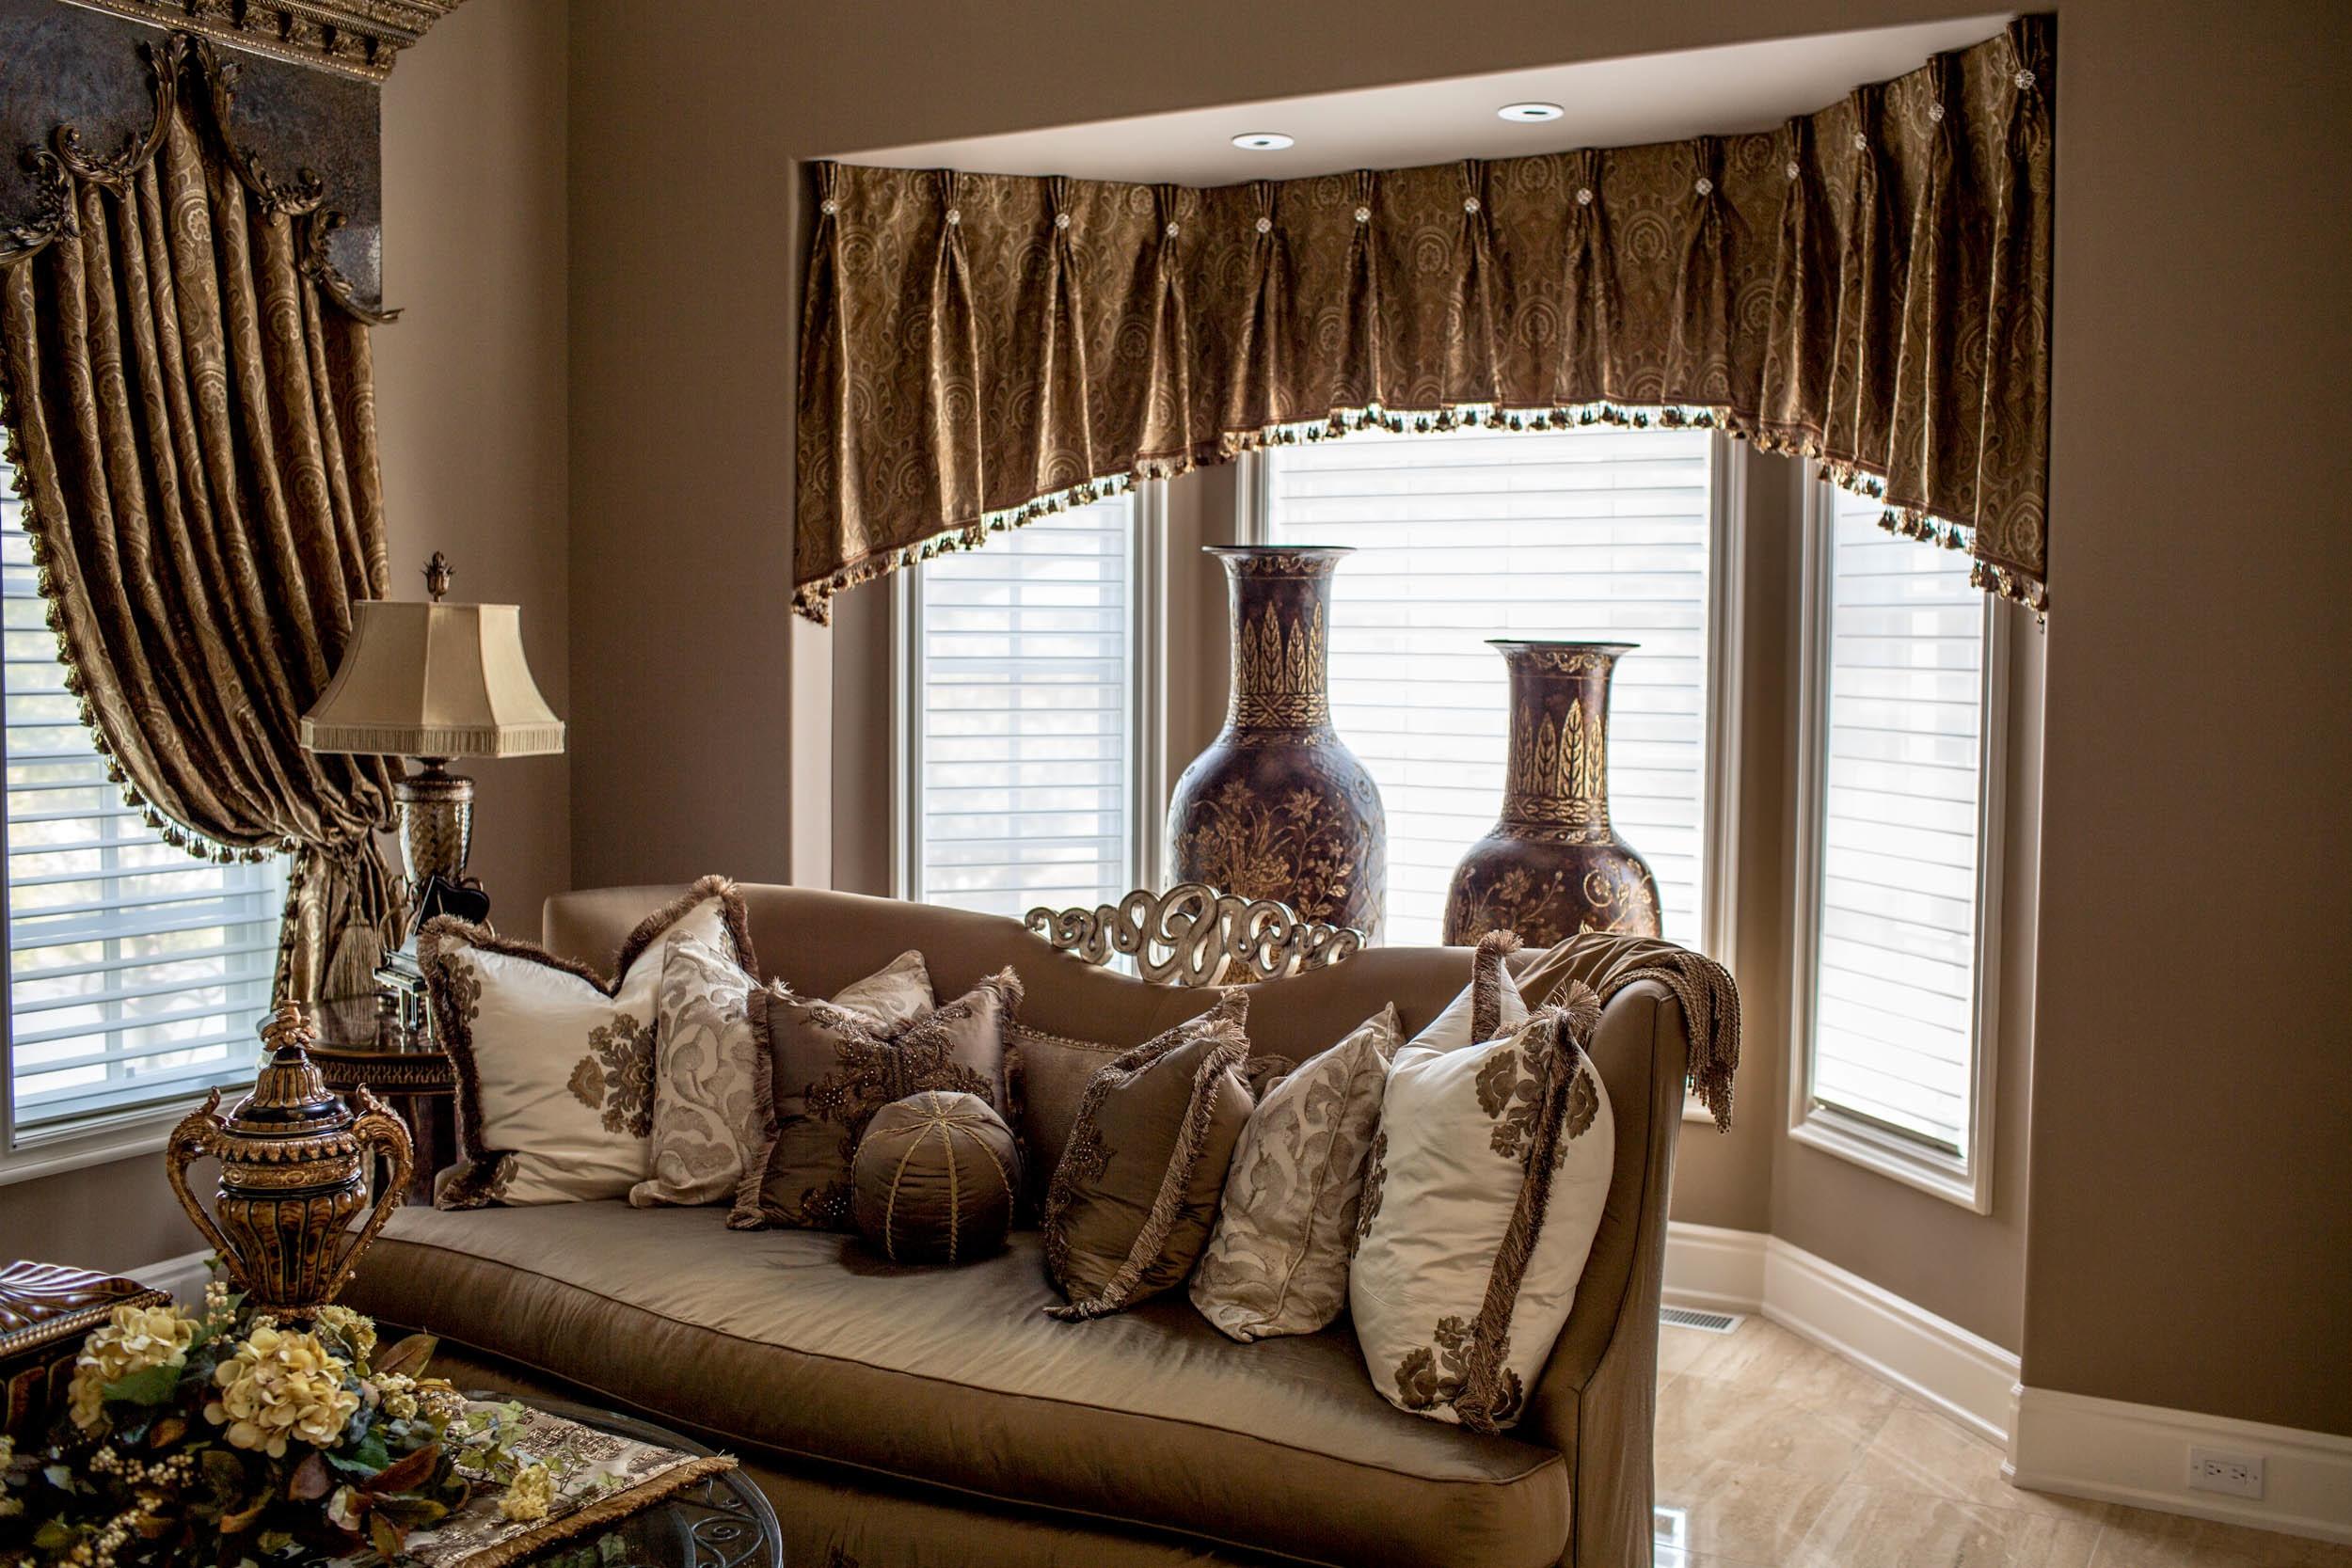 velskabt-beige-g-træ-glas-design-gardin-ideer-også-inde-gardin-sengeforhæng-sammen-med-levende-room_living-værelse-gardiner-ideer